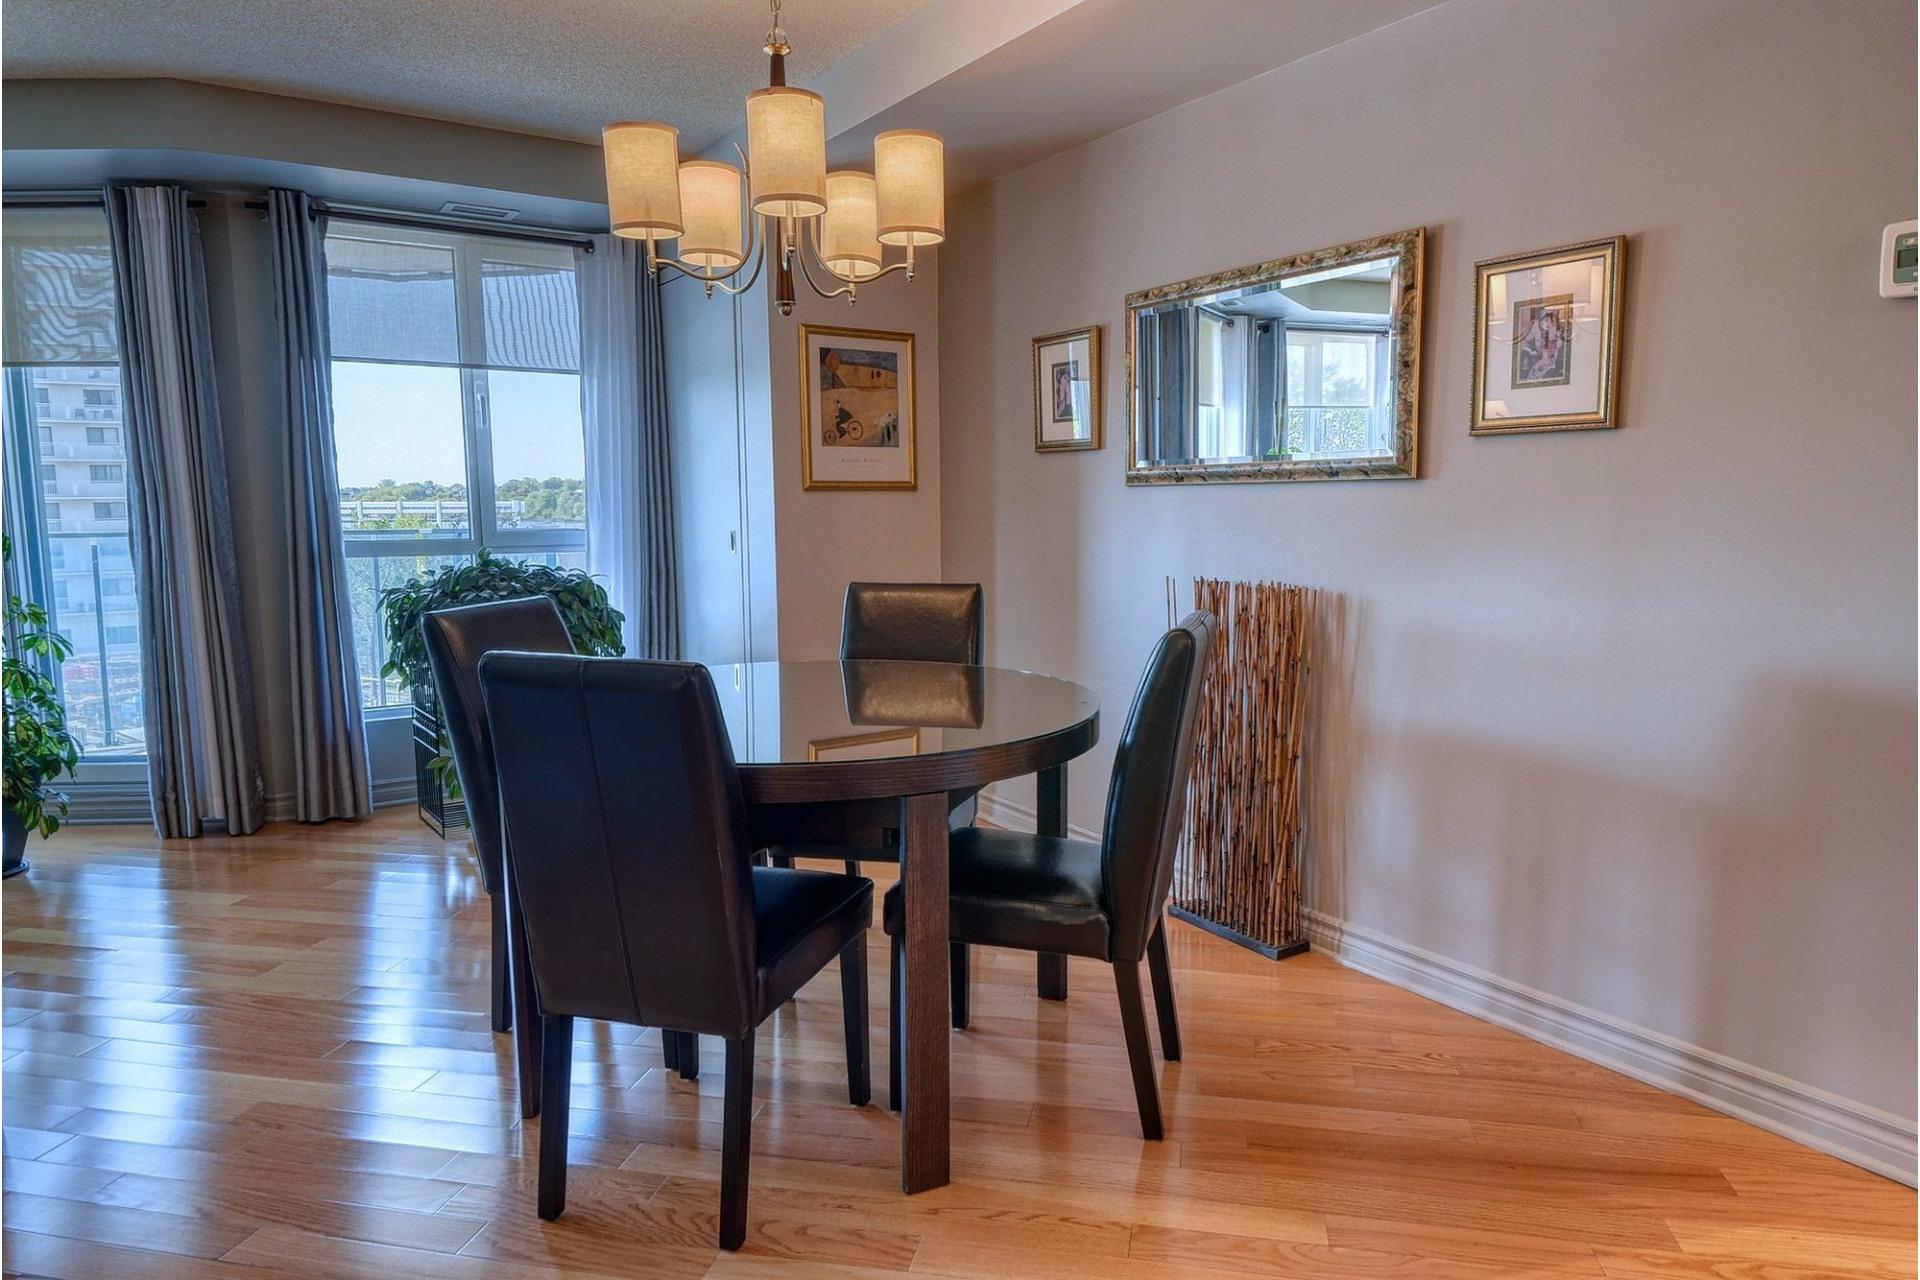 image 5 - Appartement À vendre Montréal-Nord Montréal  - 4 pièces